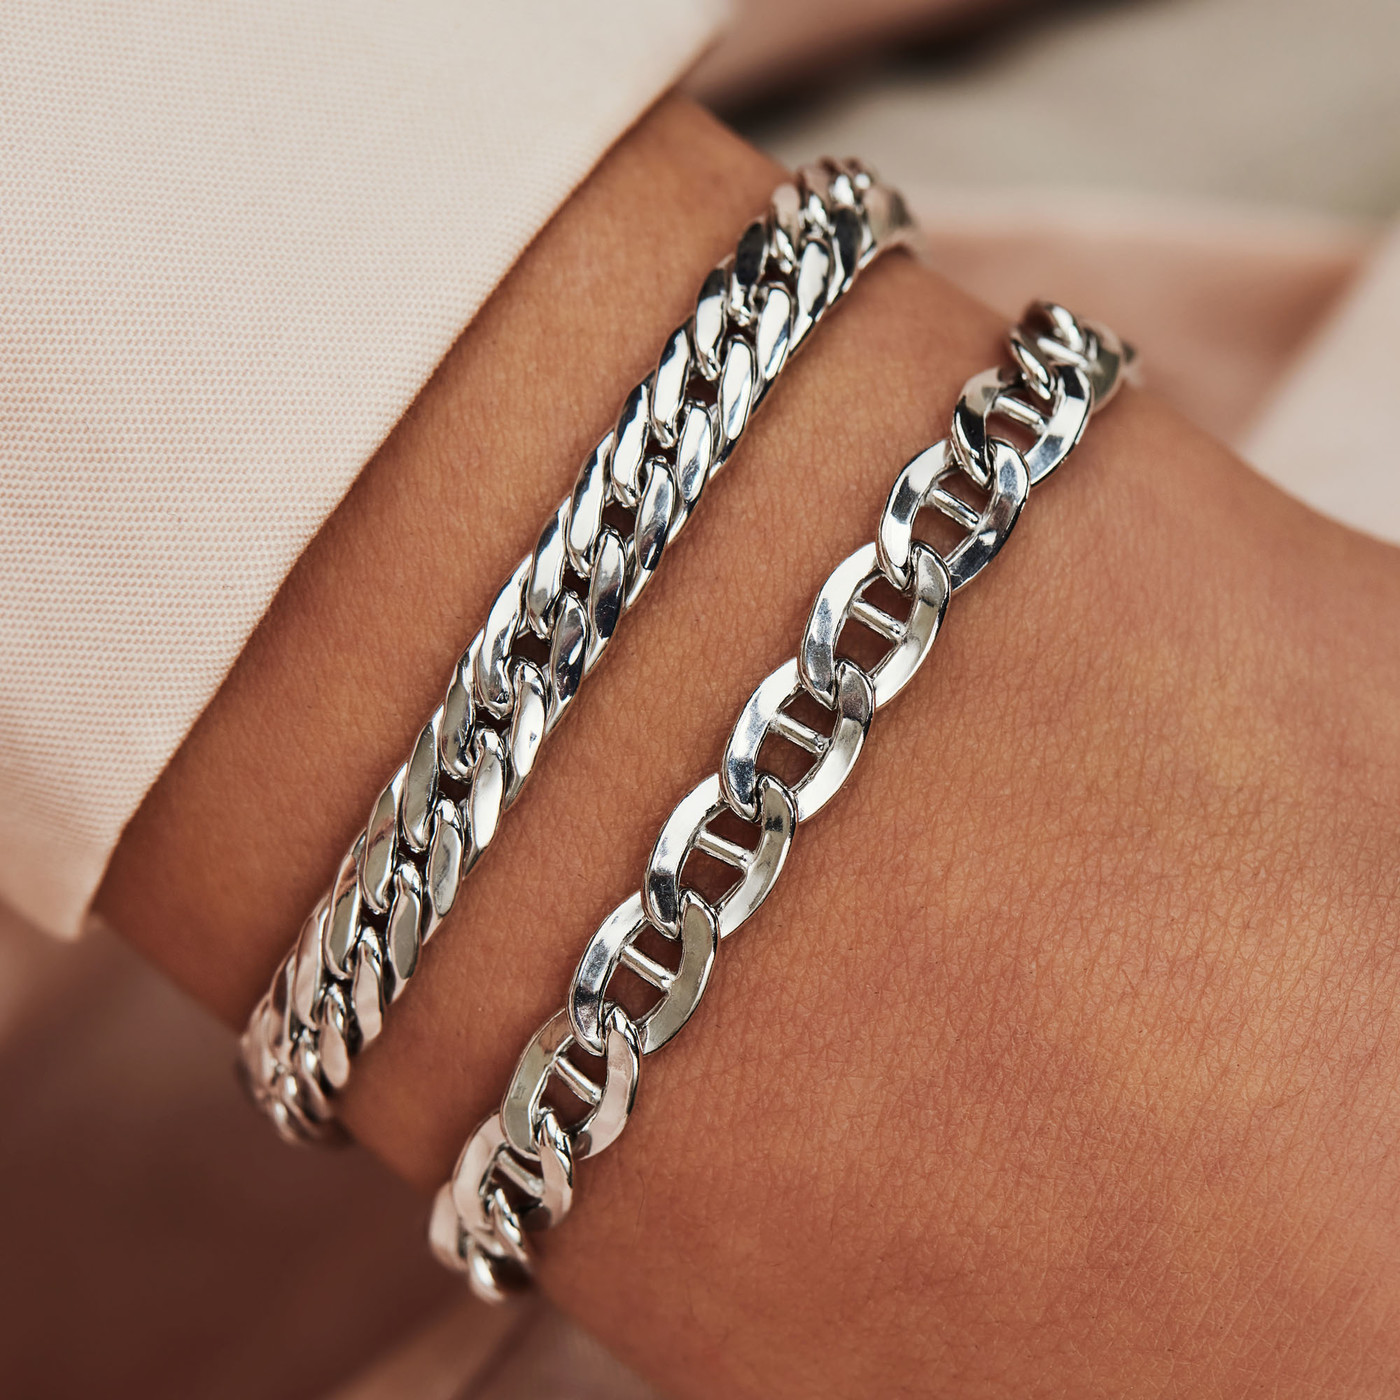 De zilveren sieraden van Selected Jewels